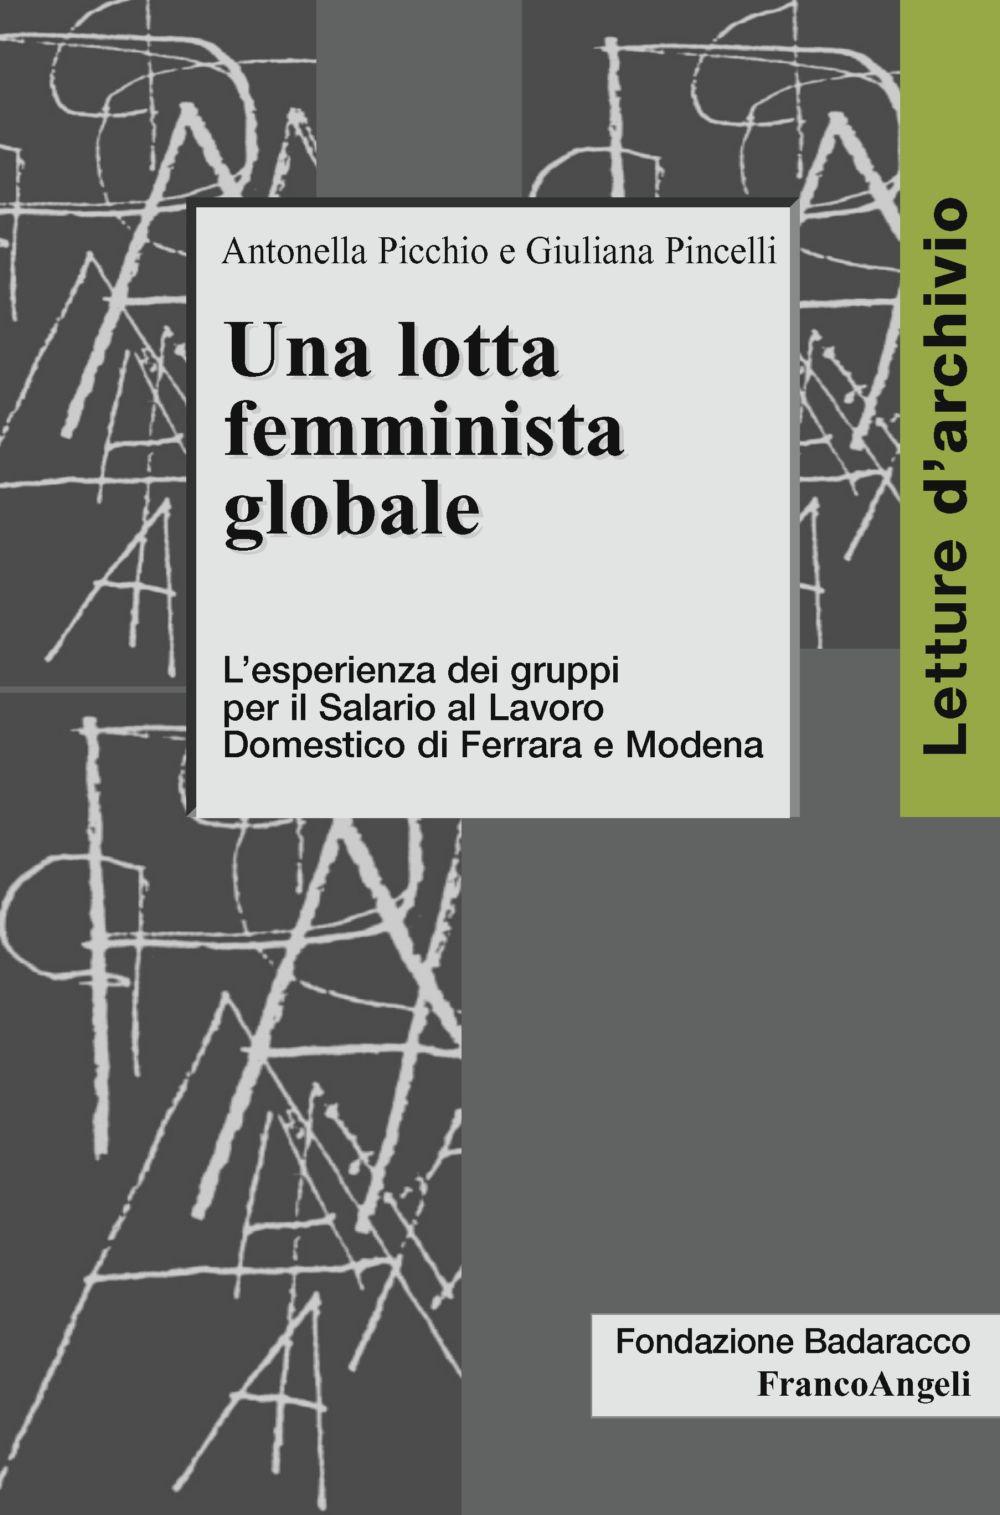 Una lotta femminista globale. L'esperienza dei gruppi per il Salario al Lavoro Domestico di Ferrara e Modena